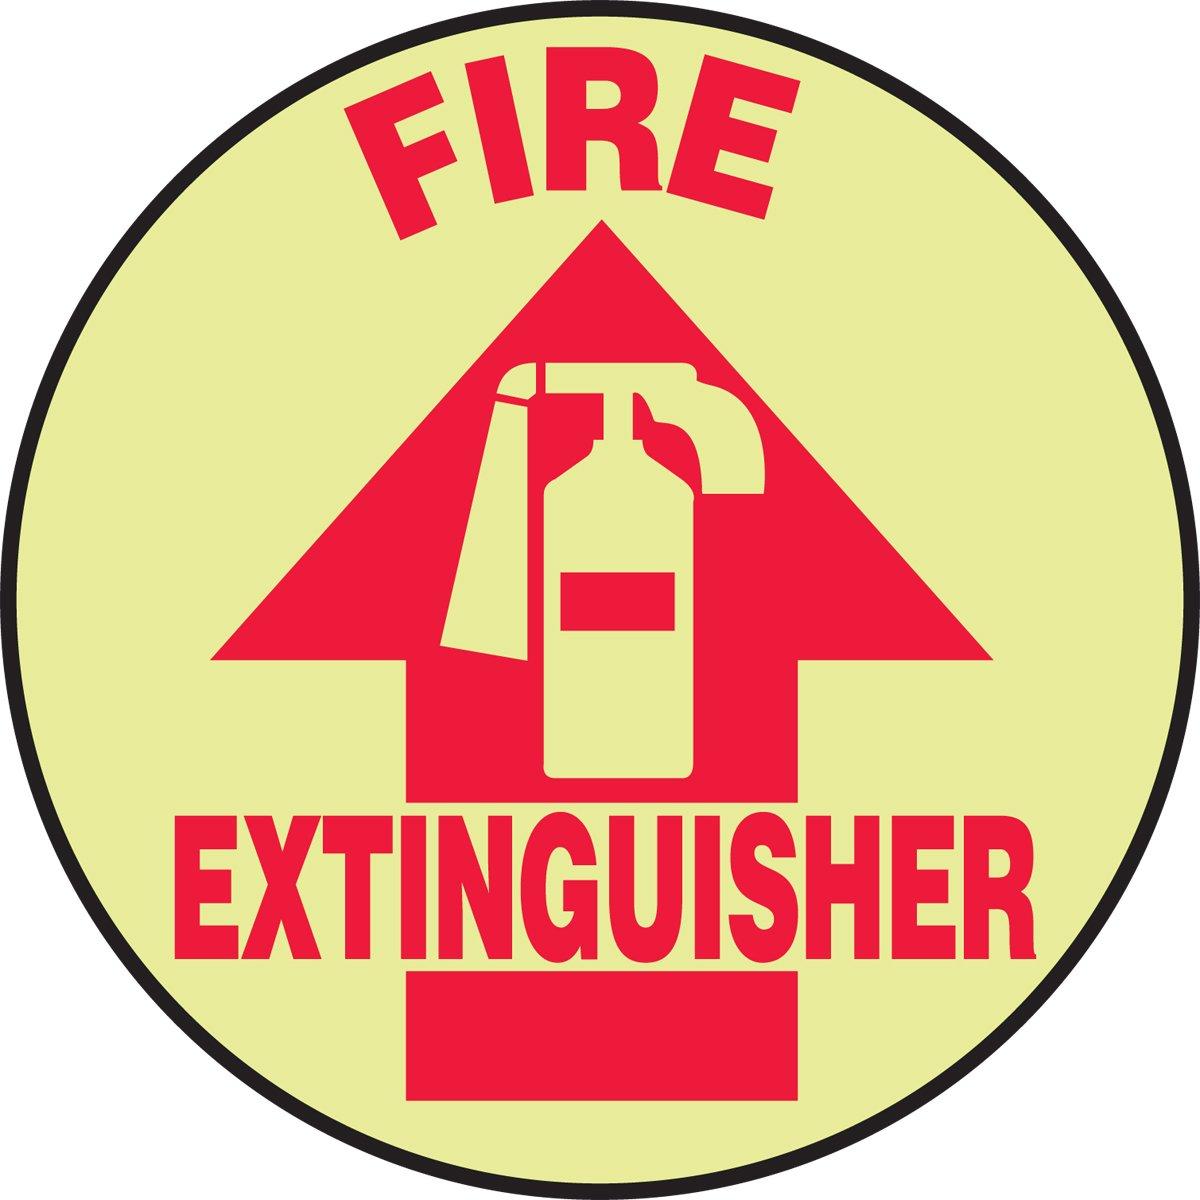 Accuform MFS771 Slip-Gard Lumi-Glow Flex Adhesive Vinyl Round Floor Sign, Legend''FIRE Extinguisher (Arrow)'', 17'' Diameter, Red on Glow